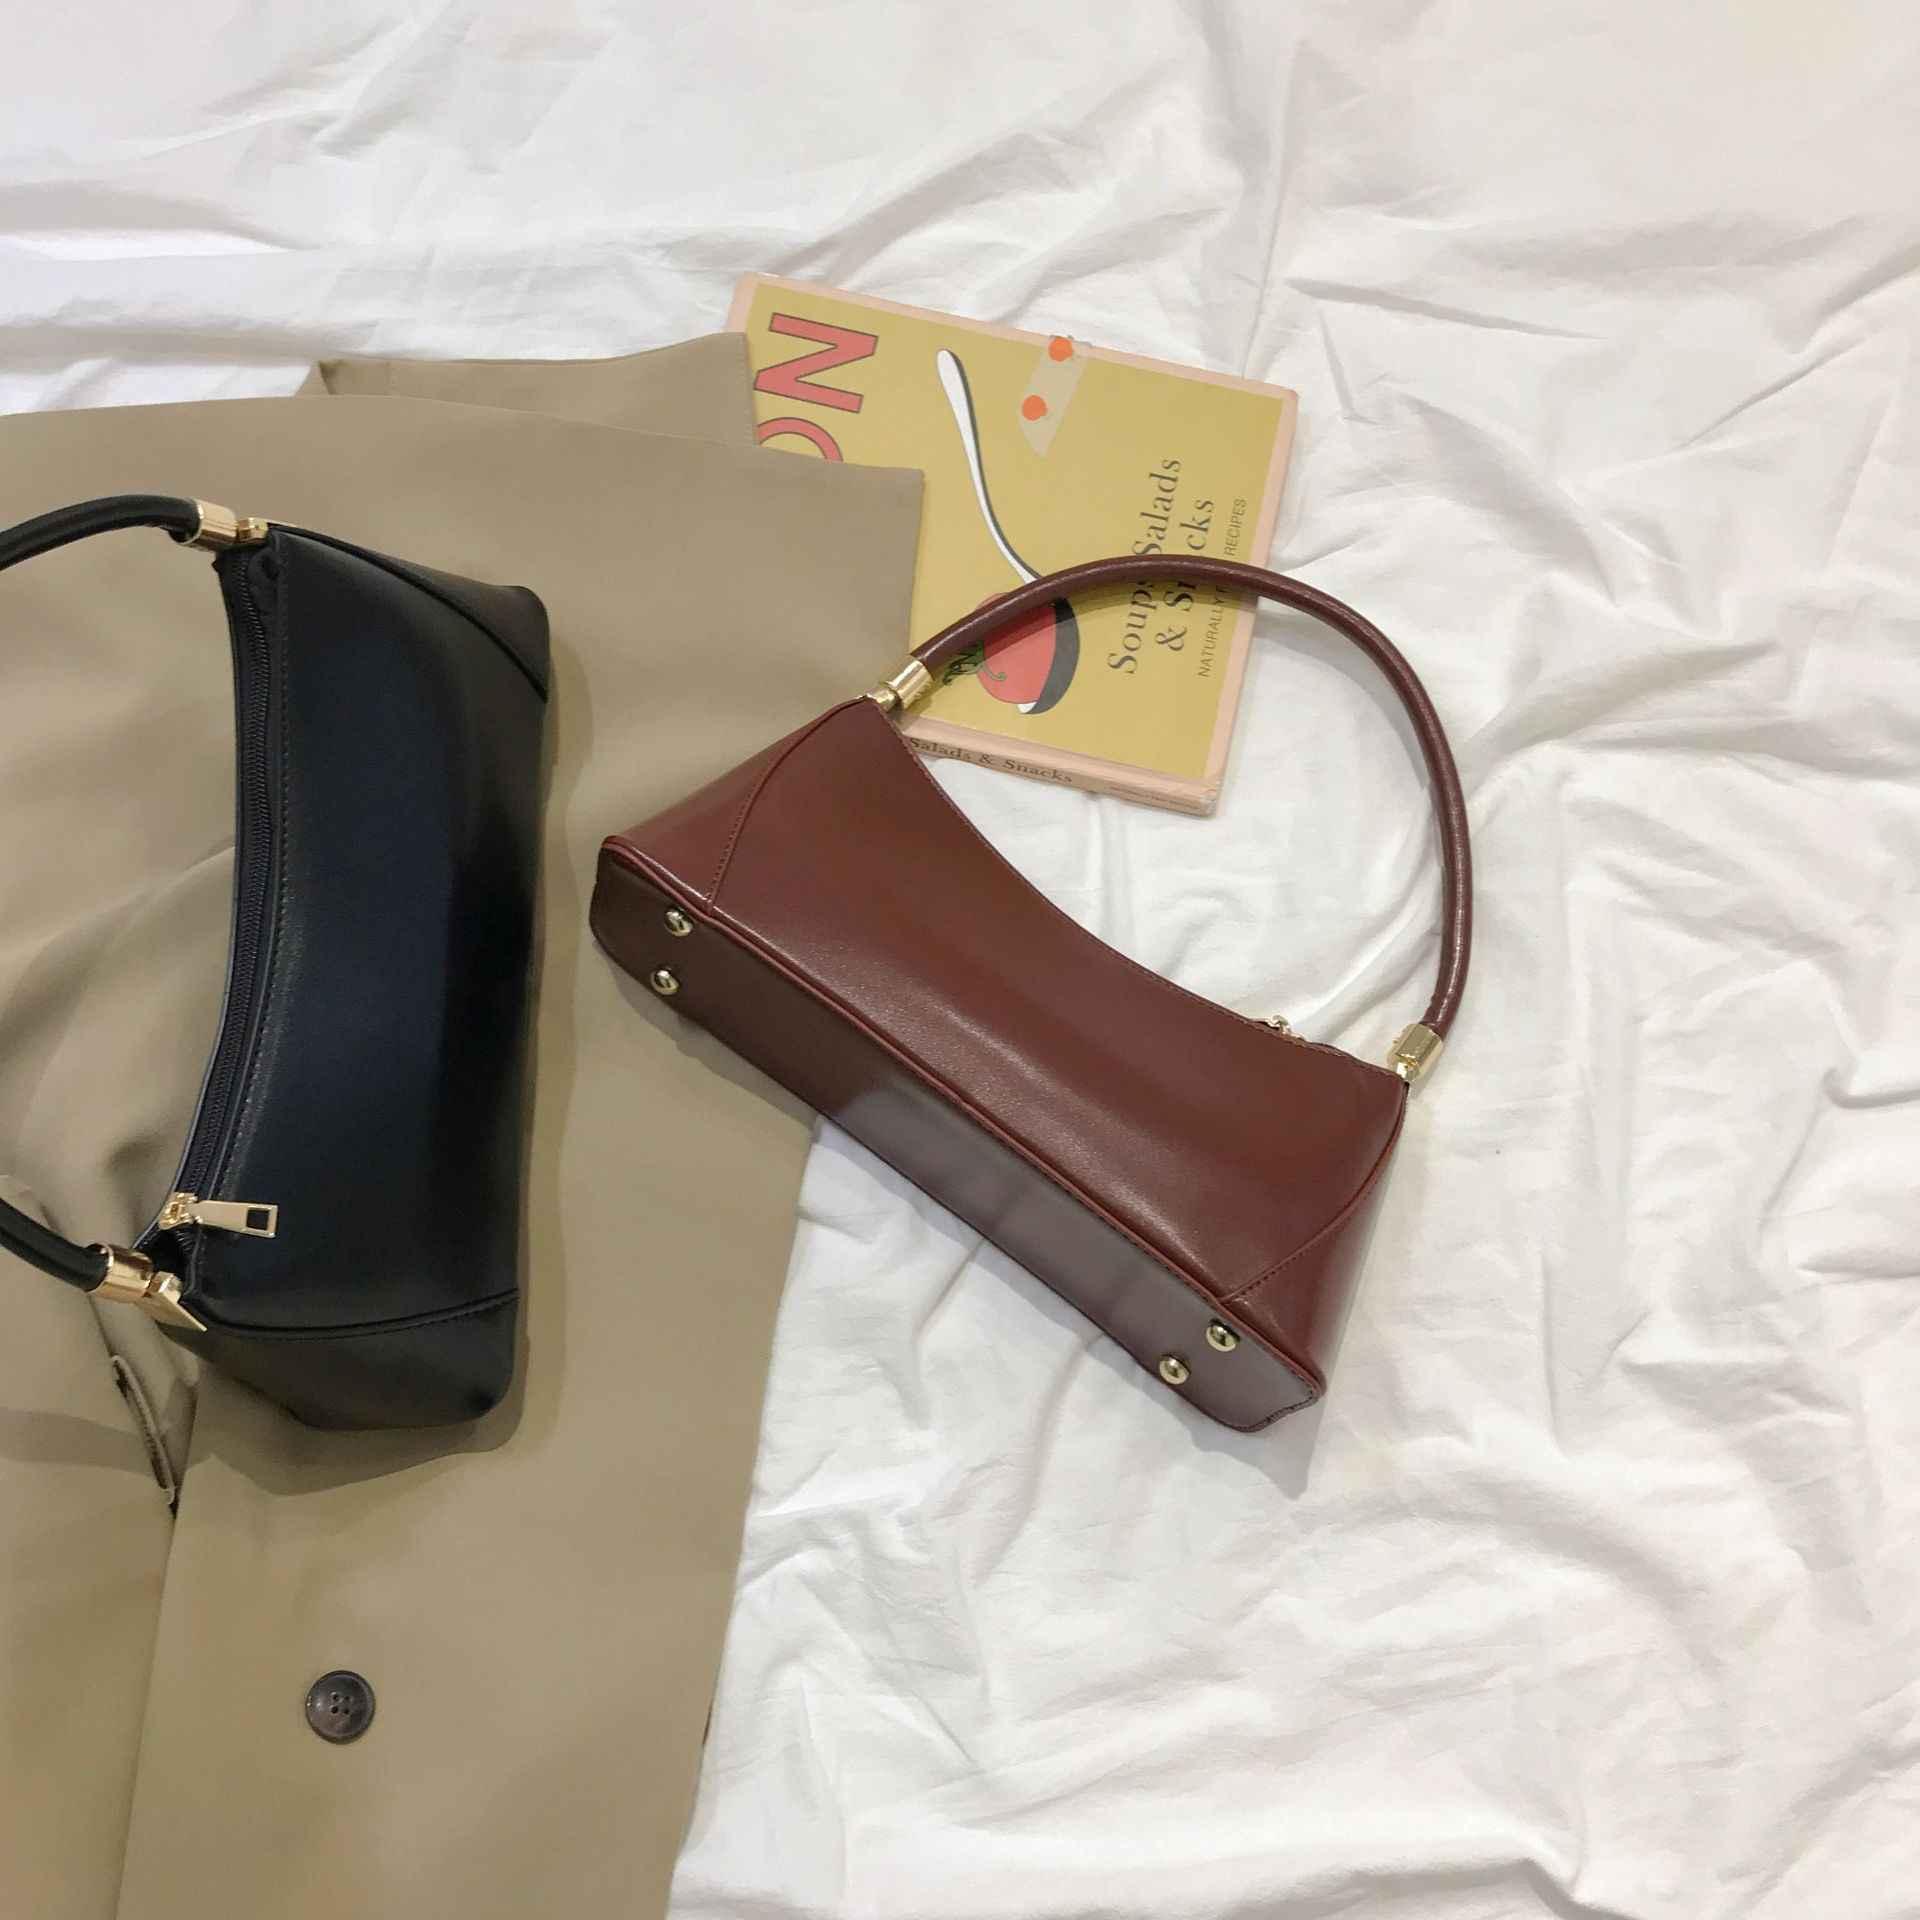 Bolsos de hombro de cuero Retro con patrón Jollque para mujer 2019 bolsos de lujo bolso de mujer bolsos de diseñador Vintage elegante para mujer